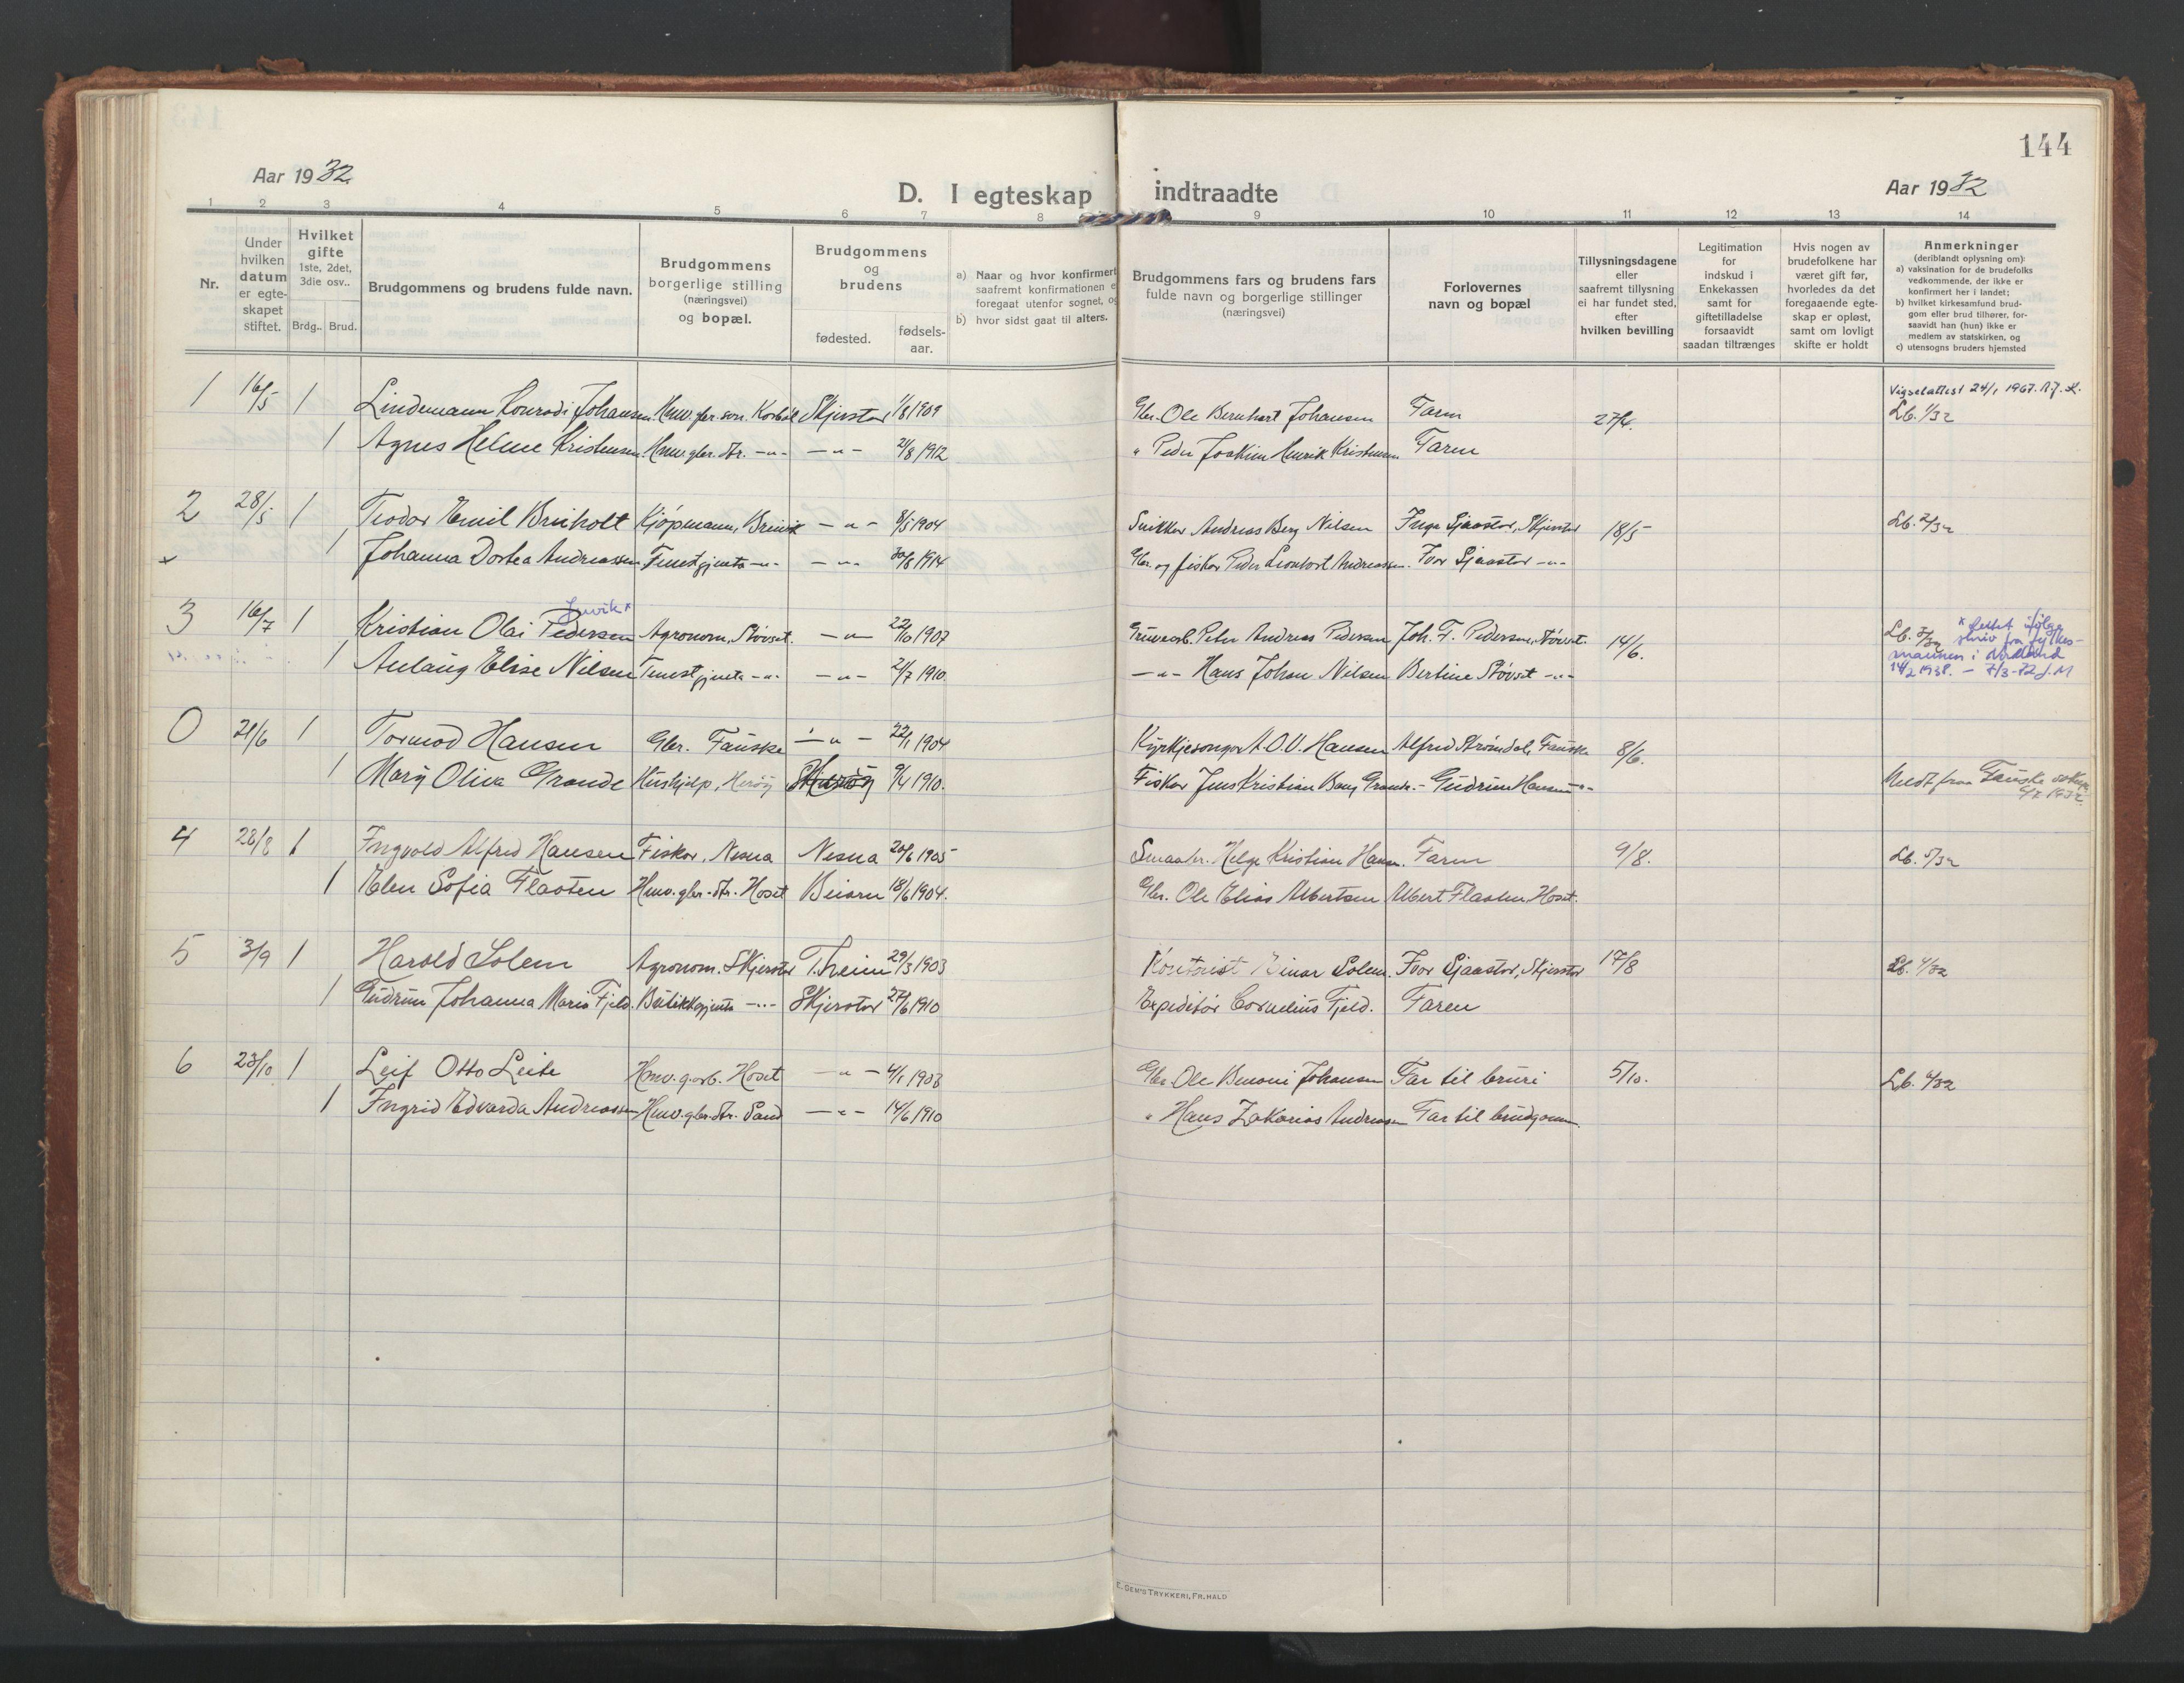 SAT, Ministerialprotokoller, klokkerbøker og fødselsregistre - Nordland, 852/L0748: Parish register (official) no. 852A18, 1913-1932, p. 144